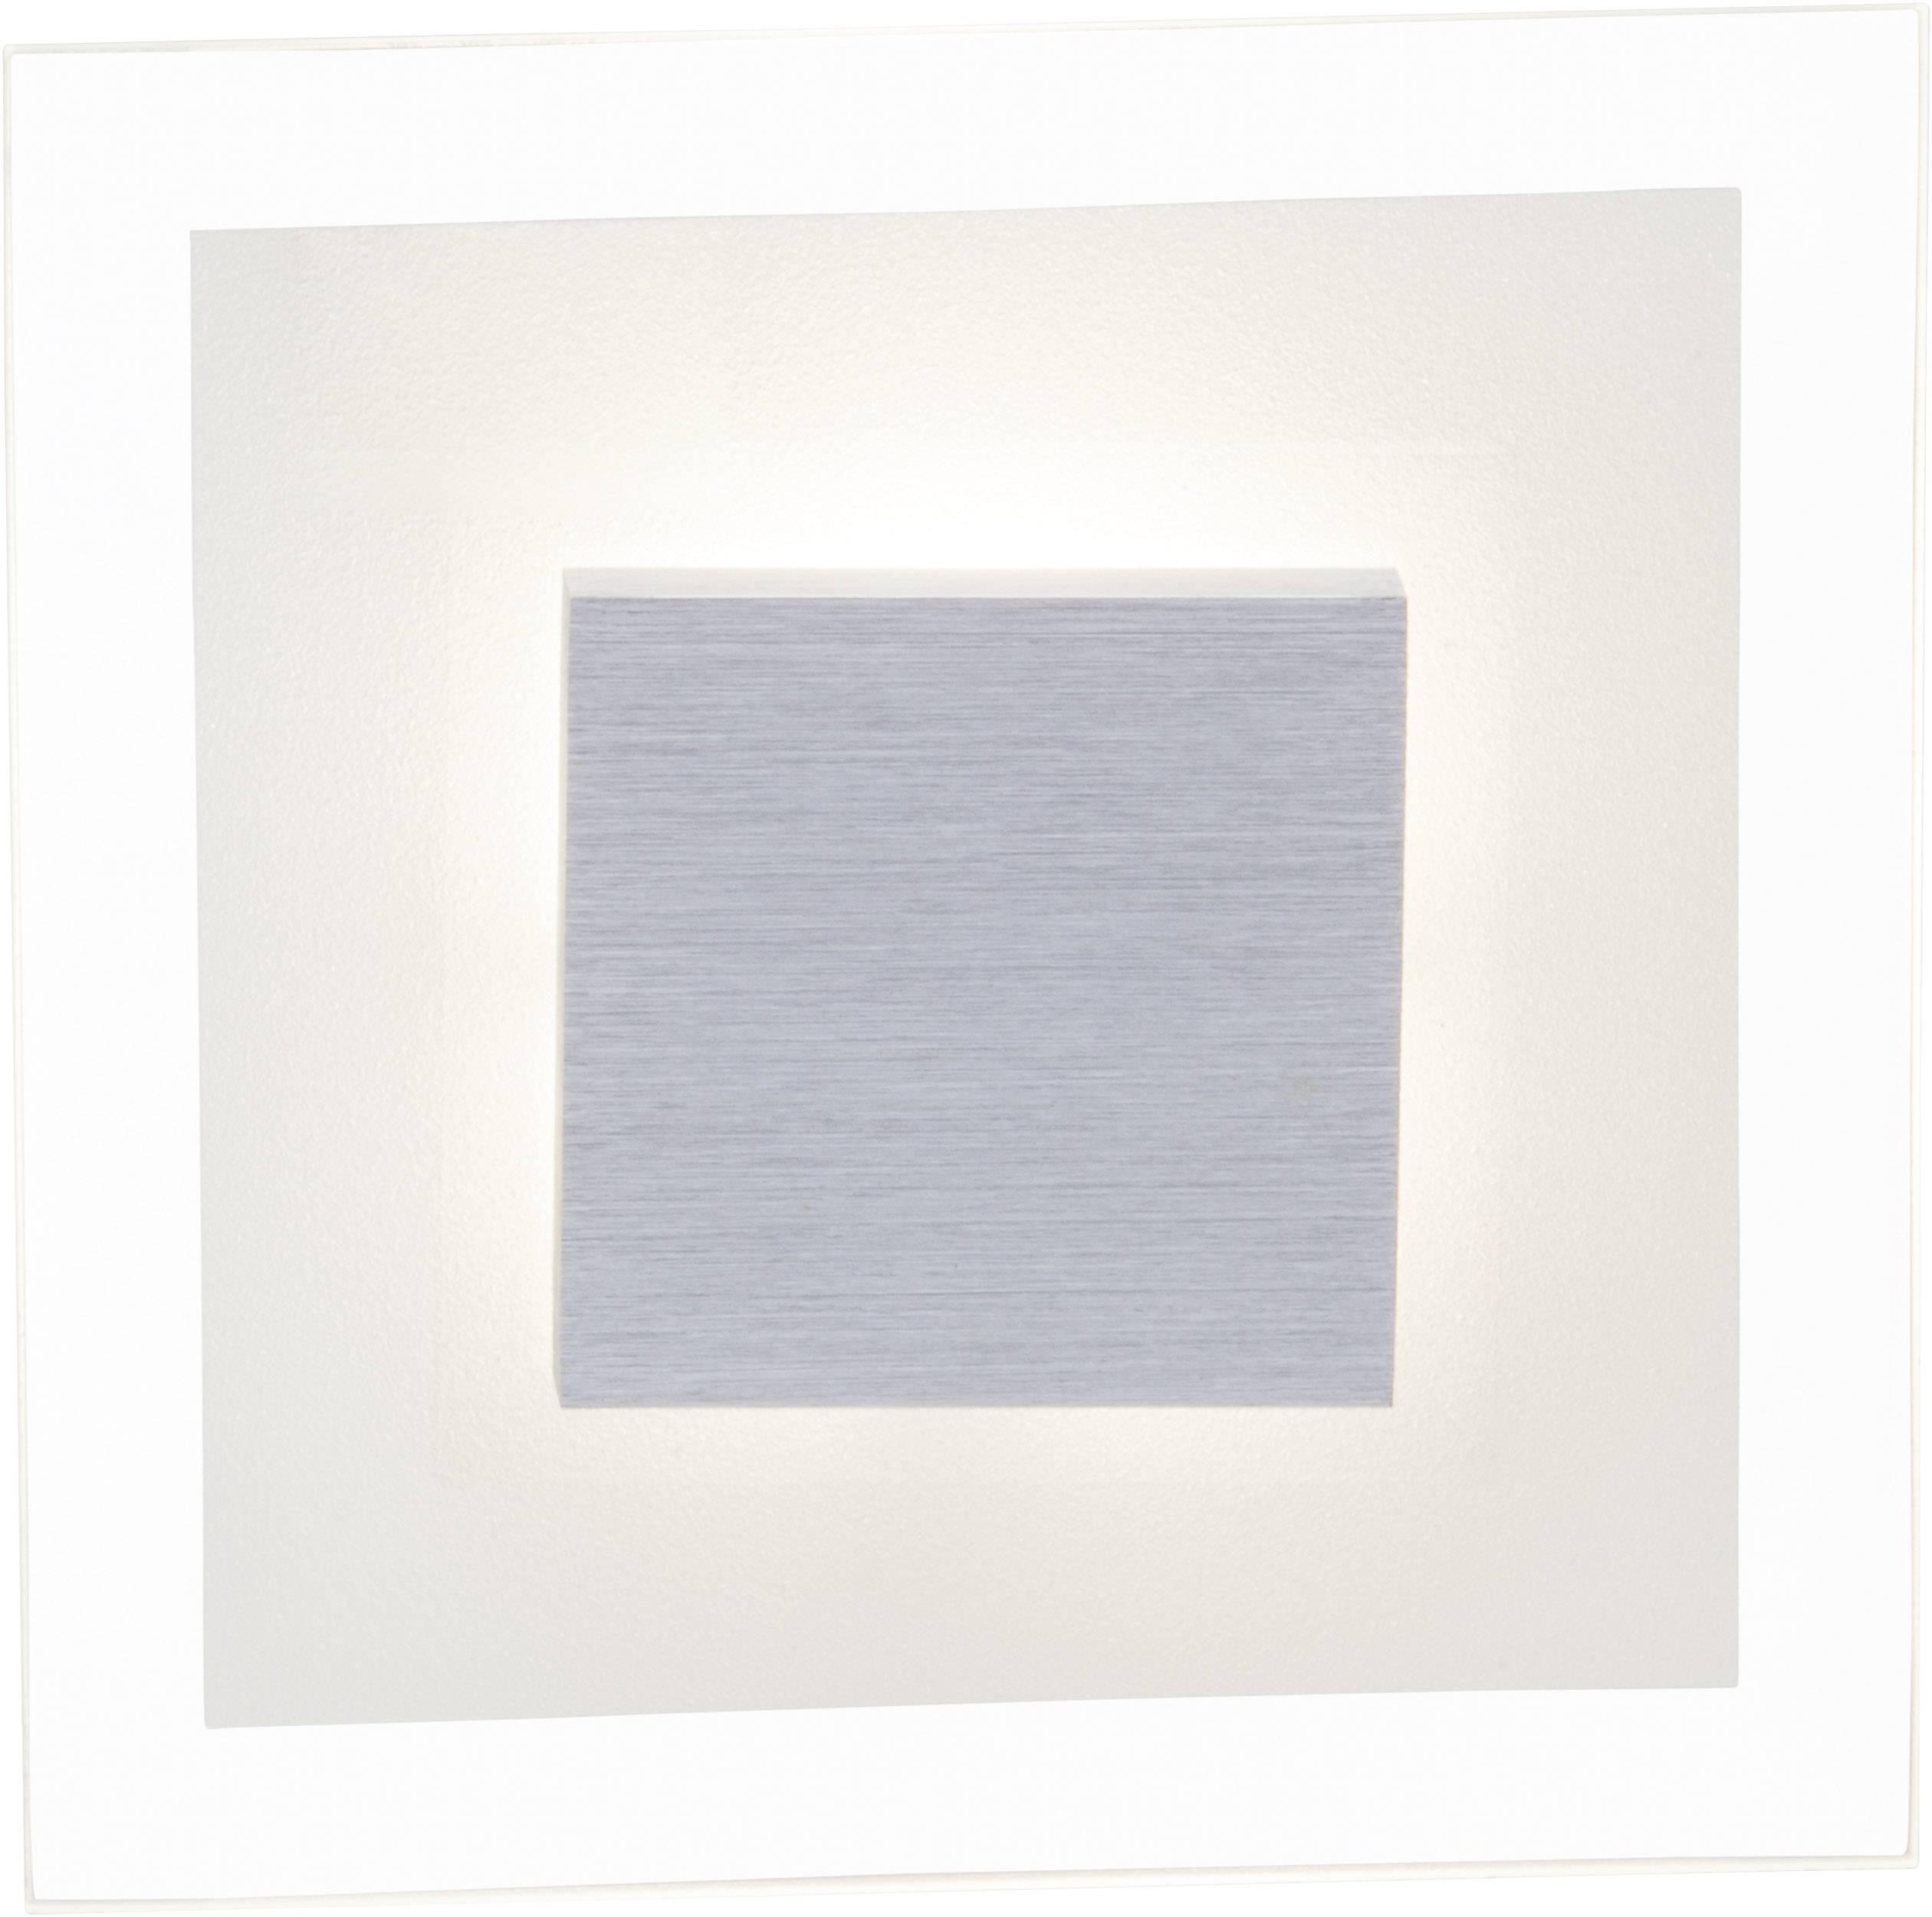 LED nástěnné světlo Brilliant Budapest G94248/70, 5 W, teplá bílá, chrom, transparentní